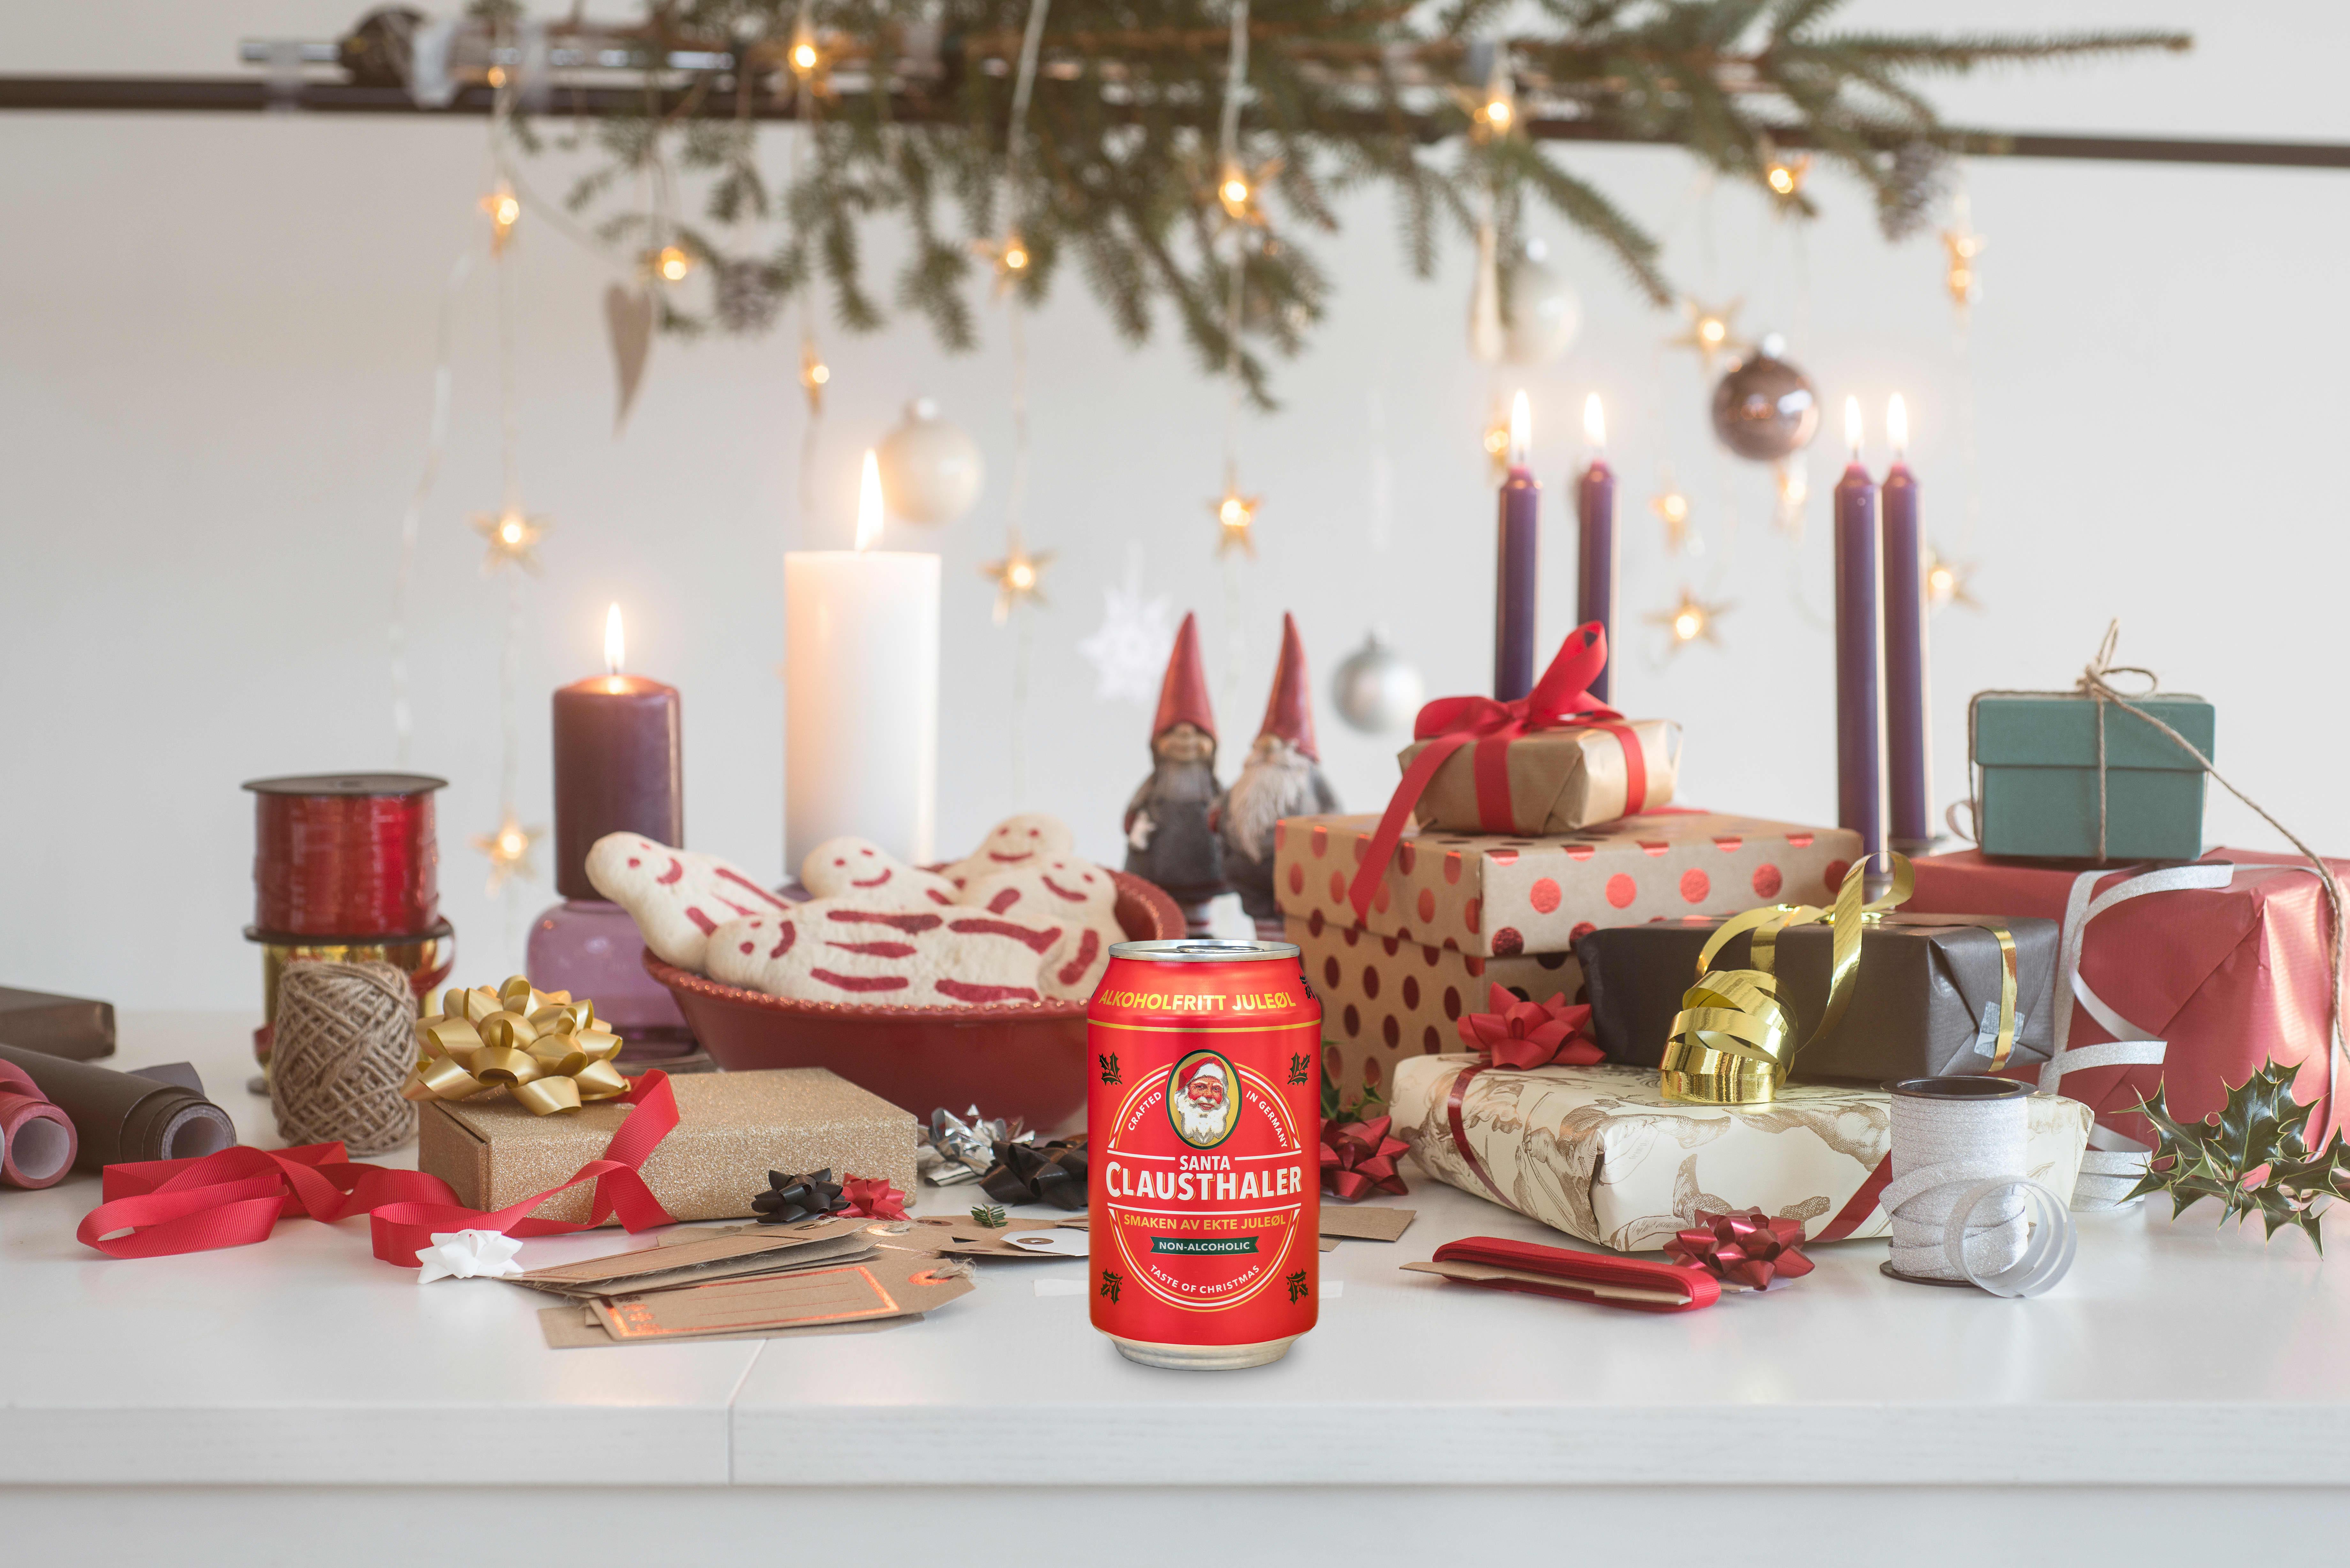 Santa Clausthaler juleøl kommer i nytt design denne julen.